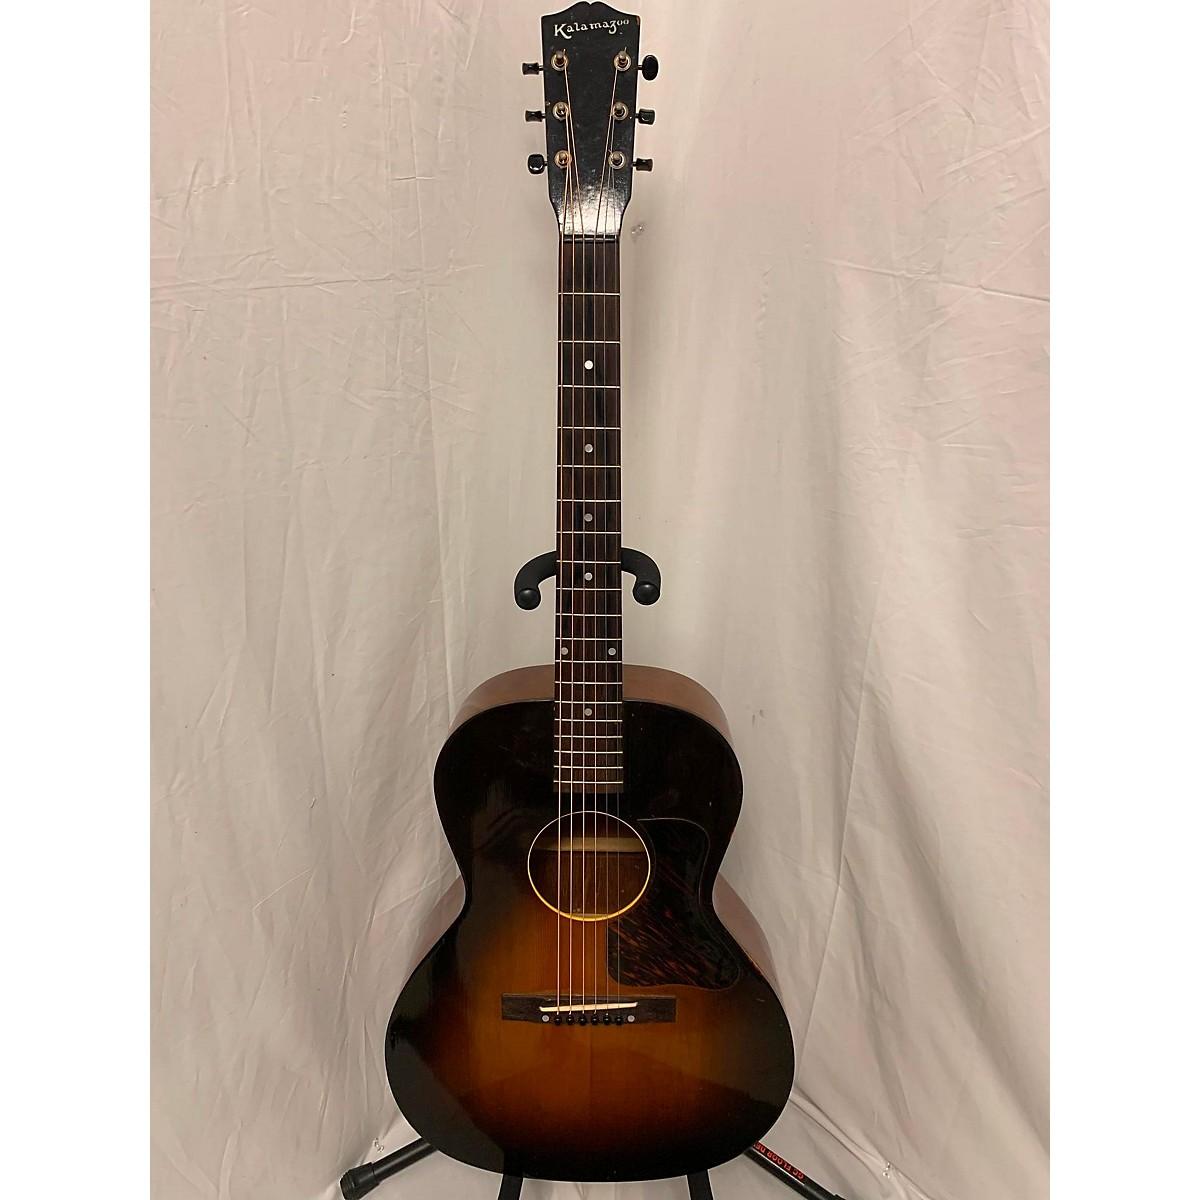 Kalamazoo 1940s KG-14 Acoustic Guitar